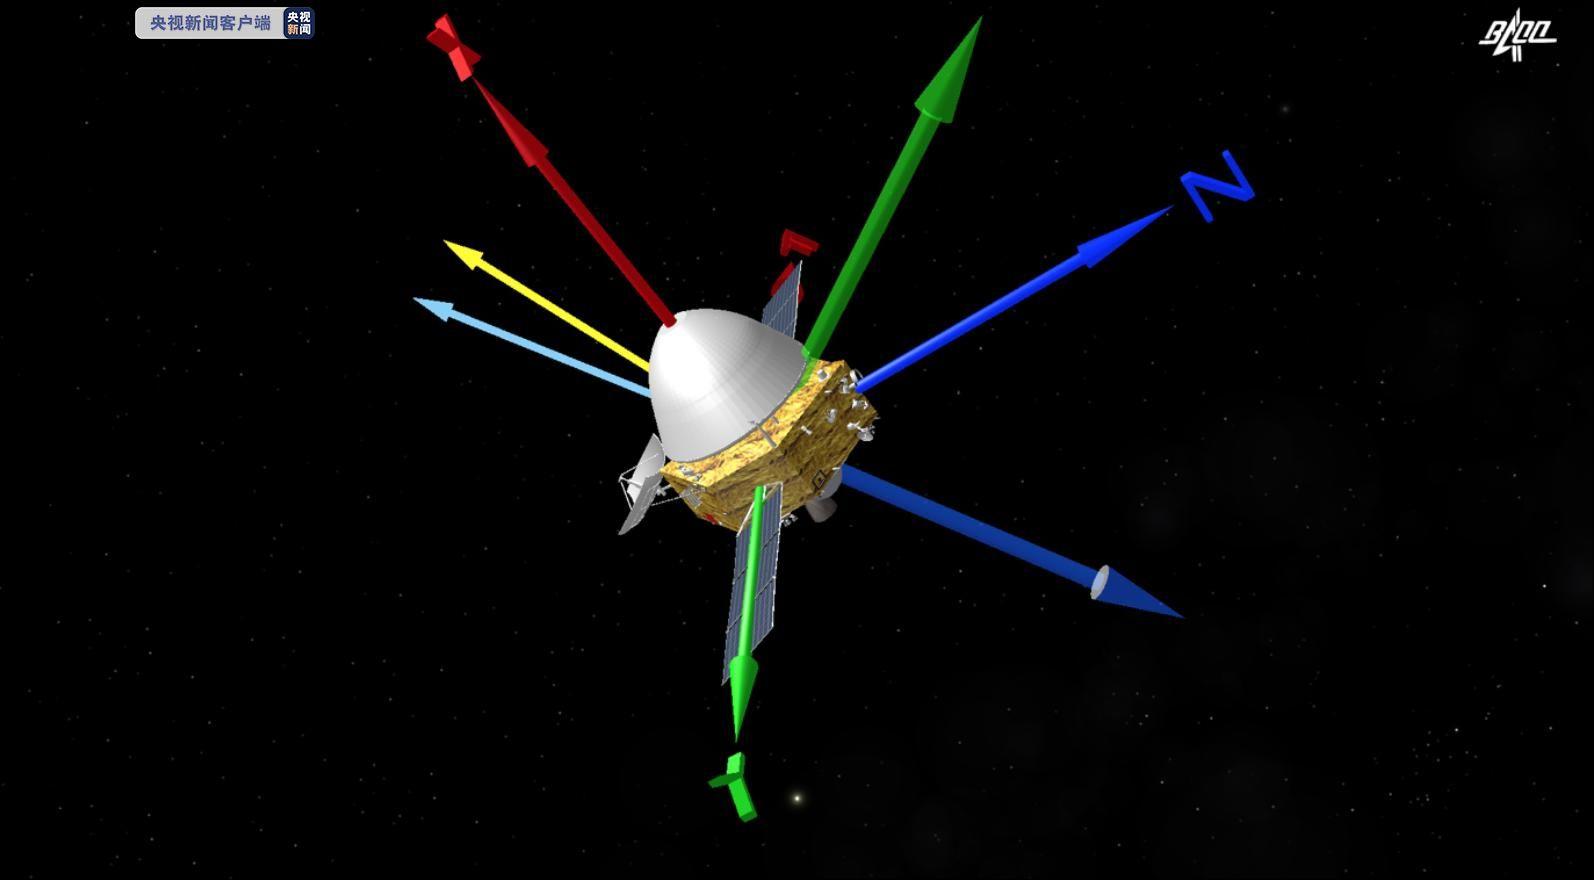 天问一号探测器顺利完成深空机动 为什么要进行深空机动?